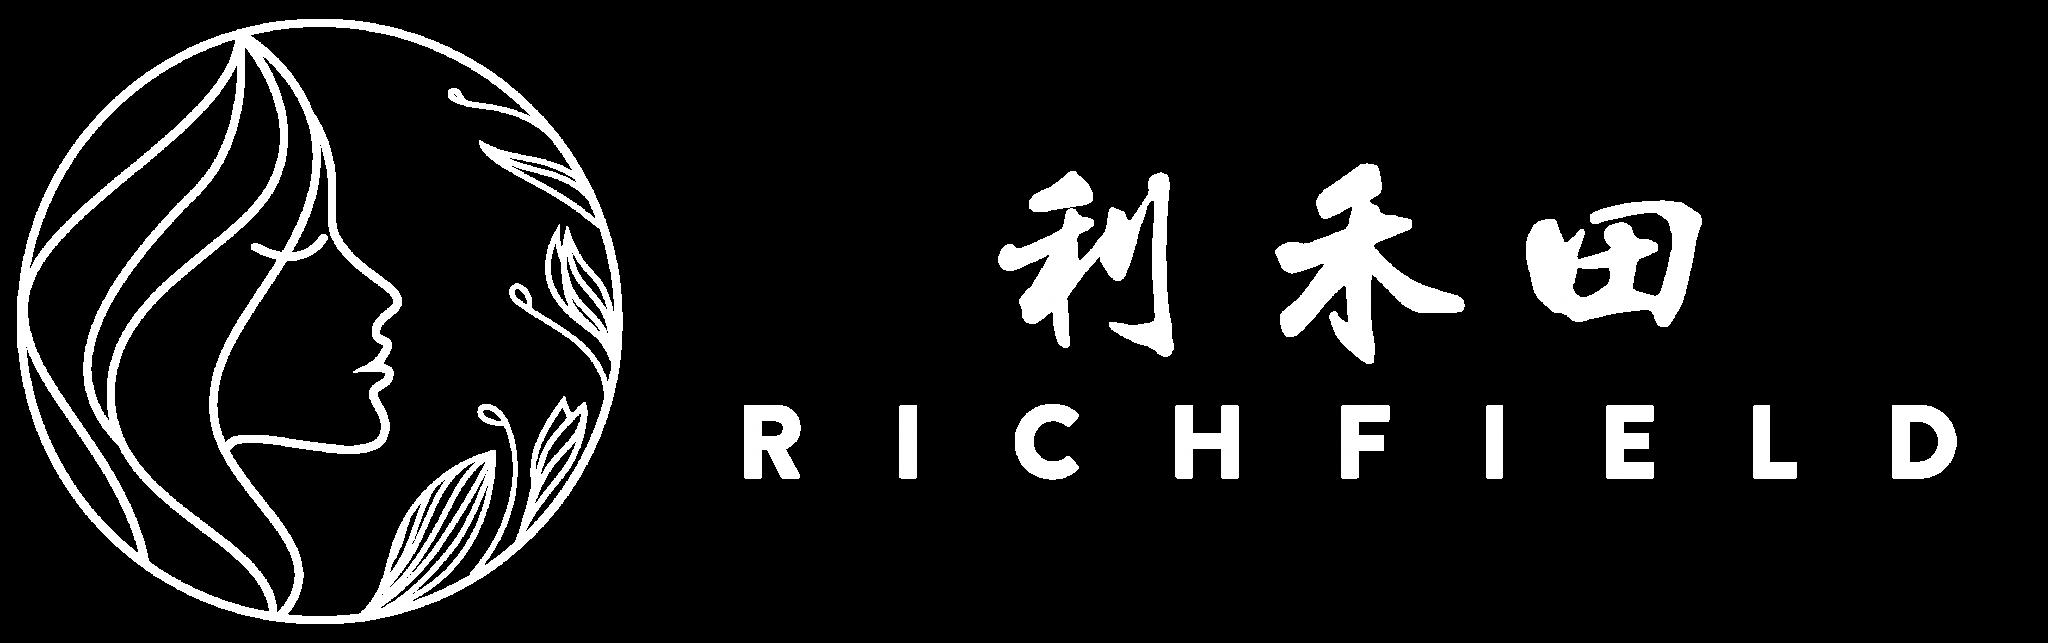 深圳市利禾田贸易有限公司